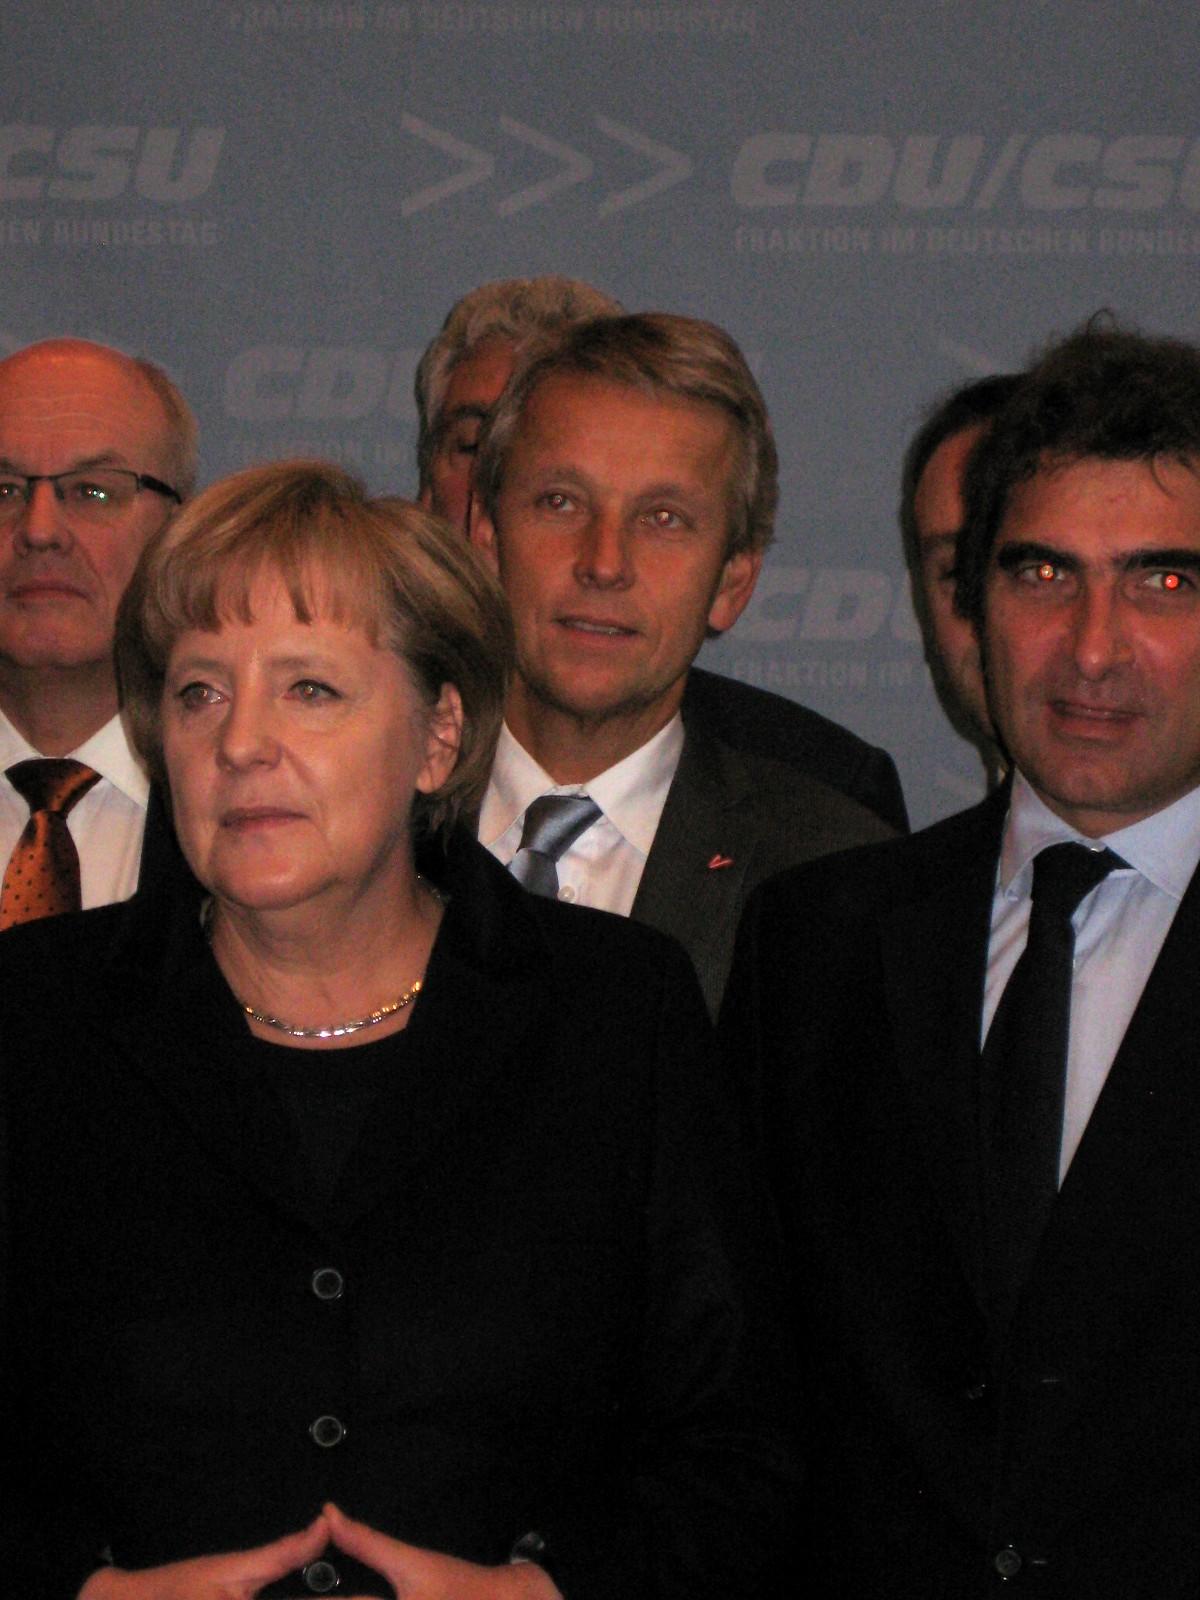 Beim Club 27 Treffen in Berlin mit Dr. Angelika Merkel